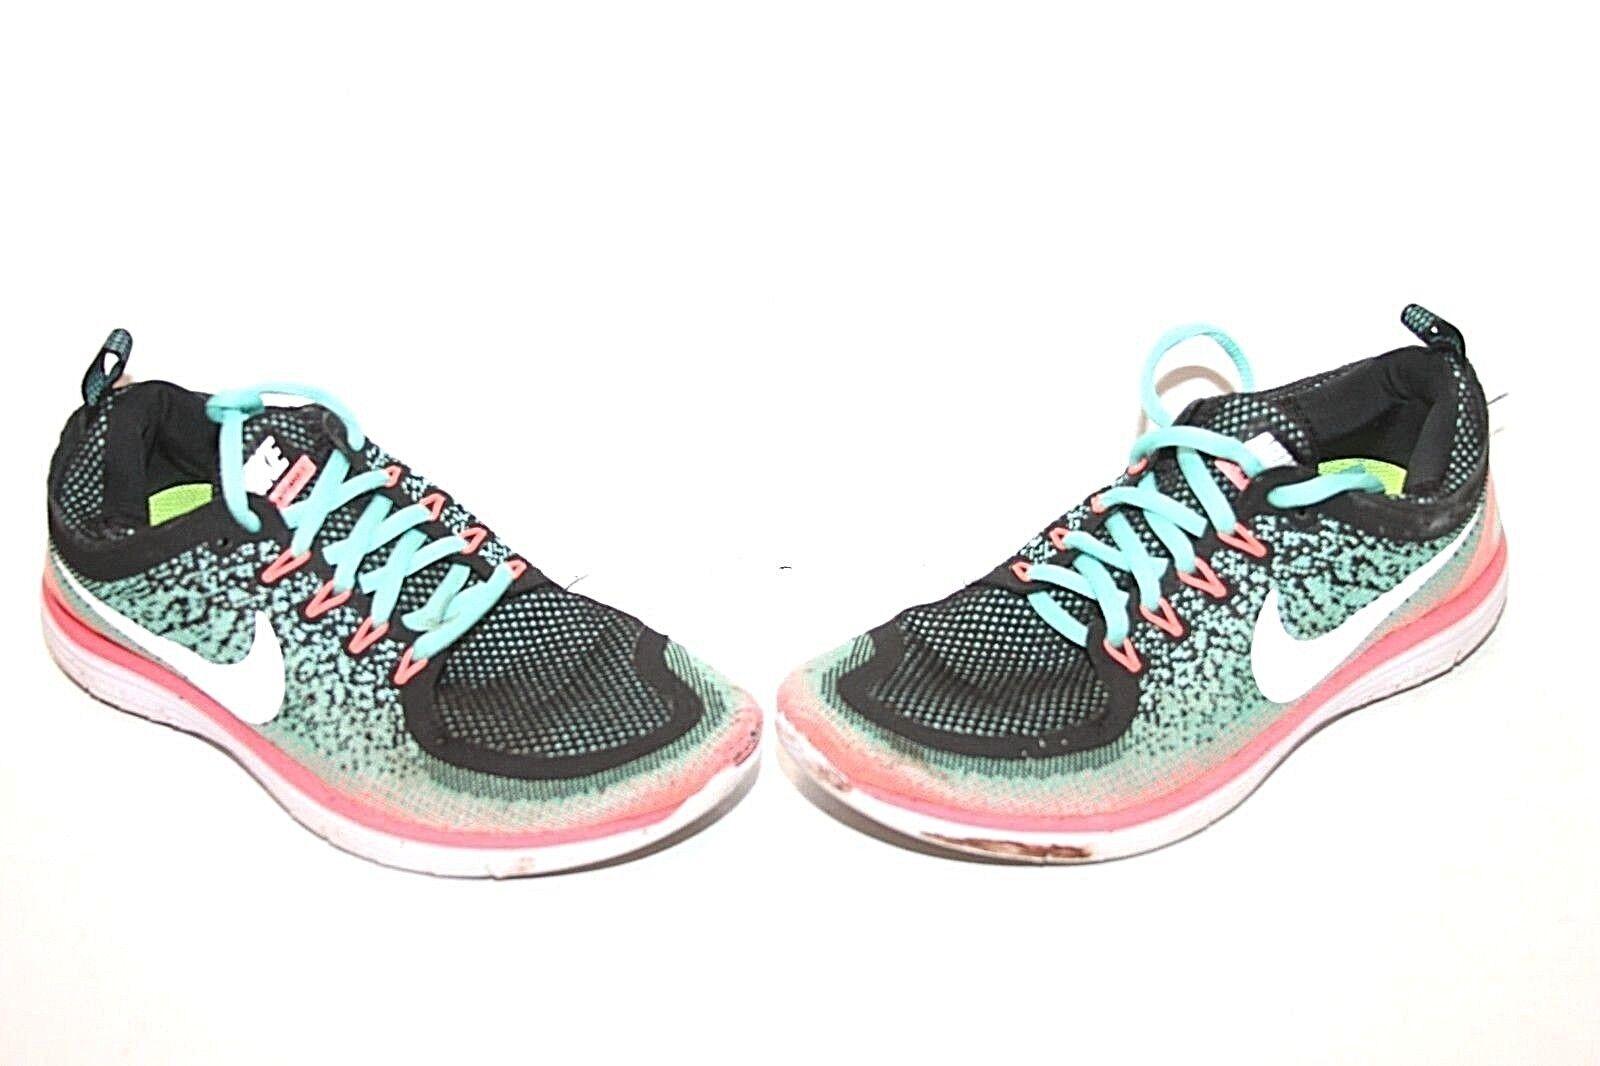 Nike wmns wmns wmns libera rn distanza 2 atletico scarpette rosa sz 7,5 863776-300 verde | Costi medi  | Uomini/Donna Scarpa  58f516